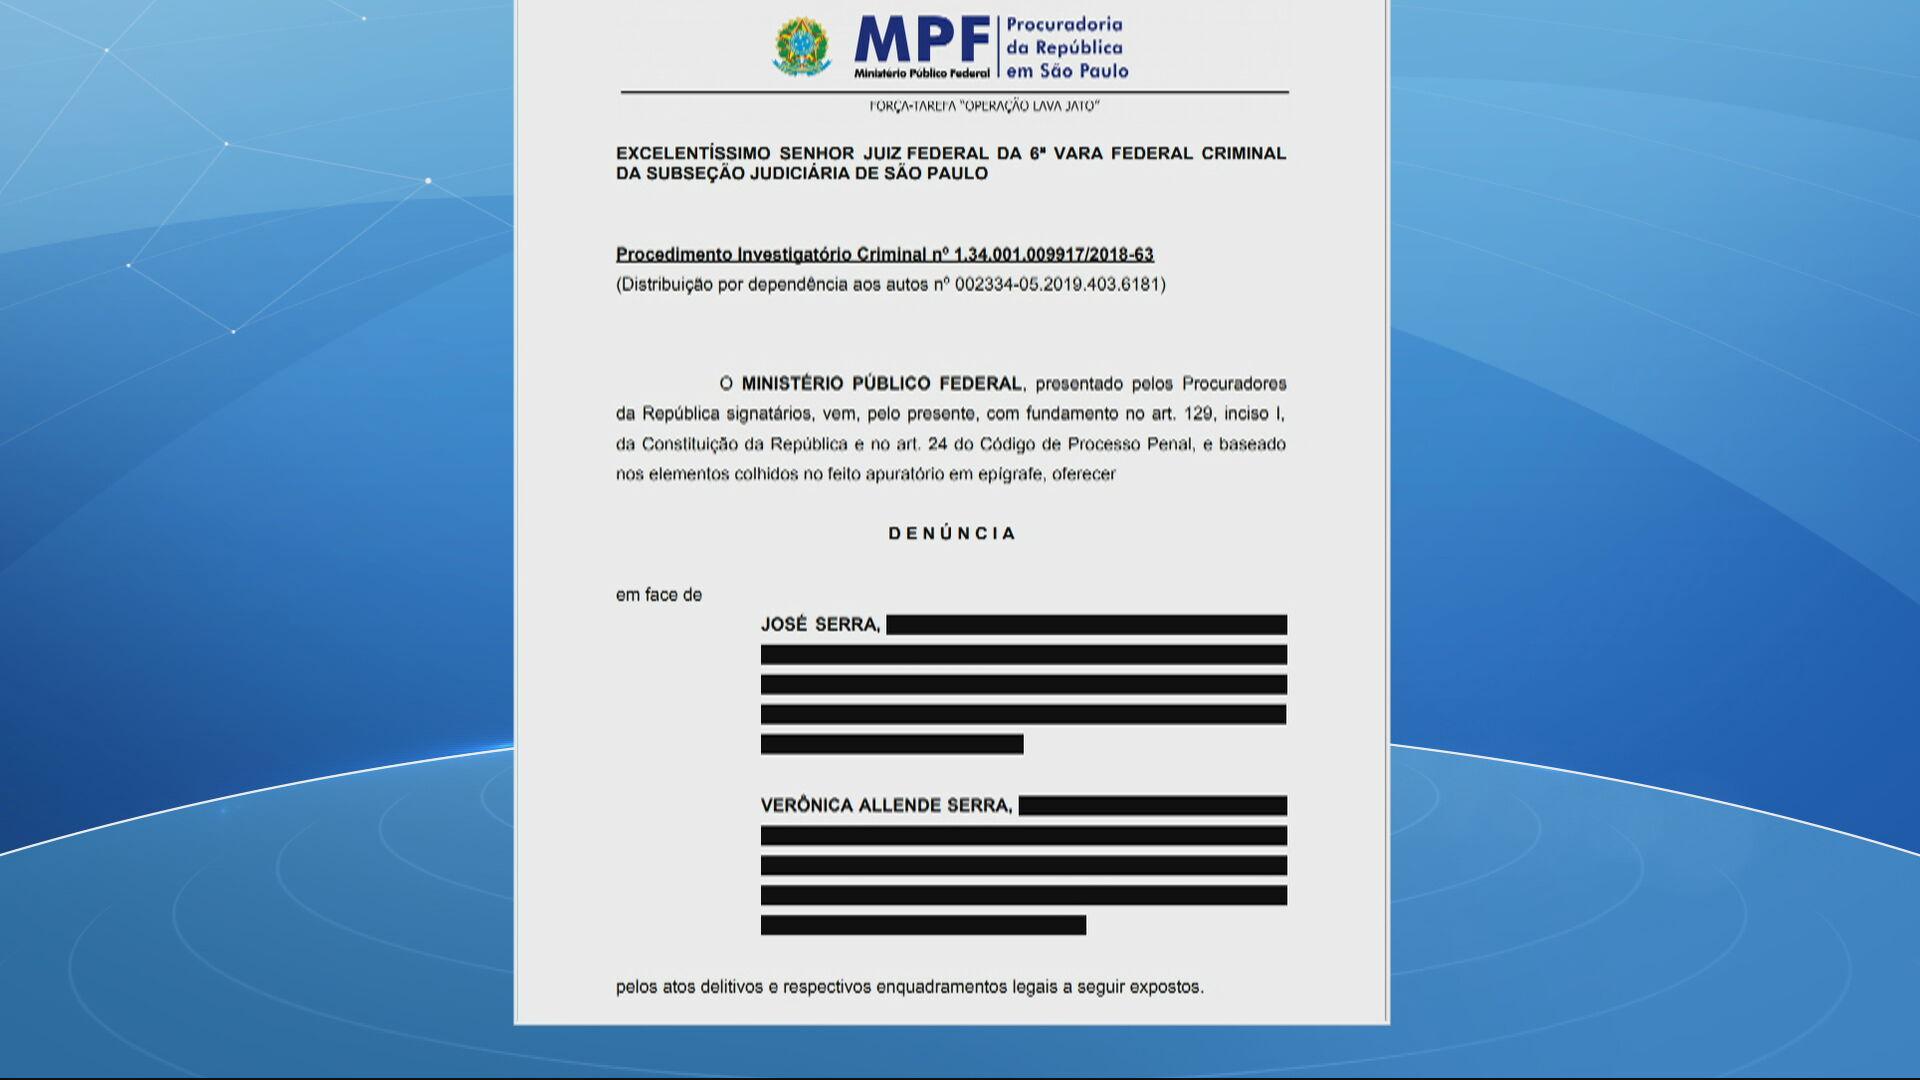 Denúncia do Ministério Público contra José Serra e a filha Verônica Allende Serr